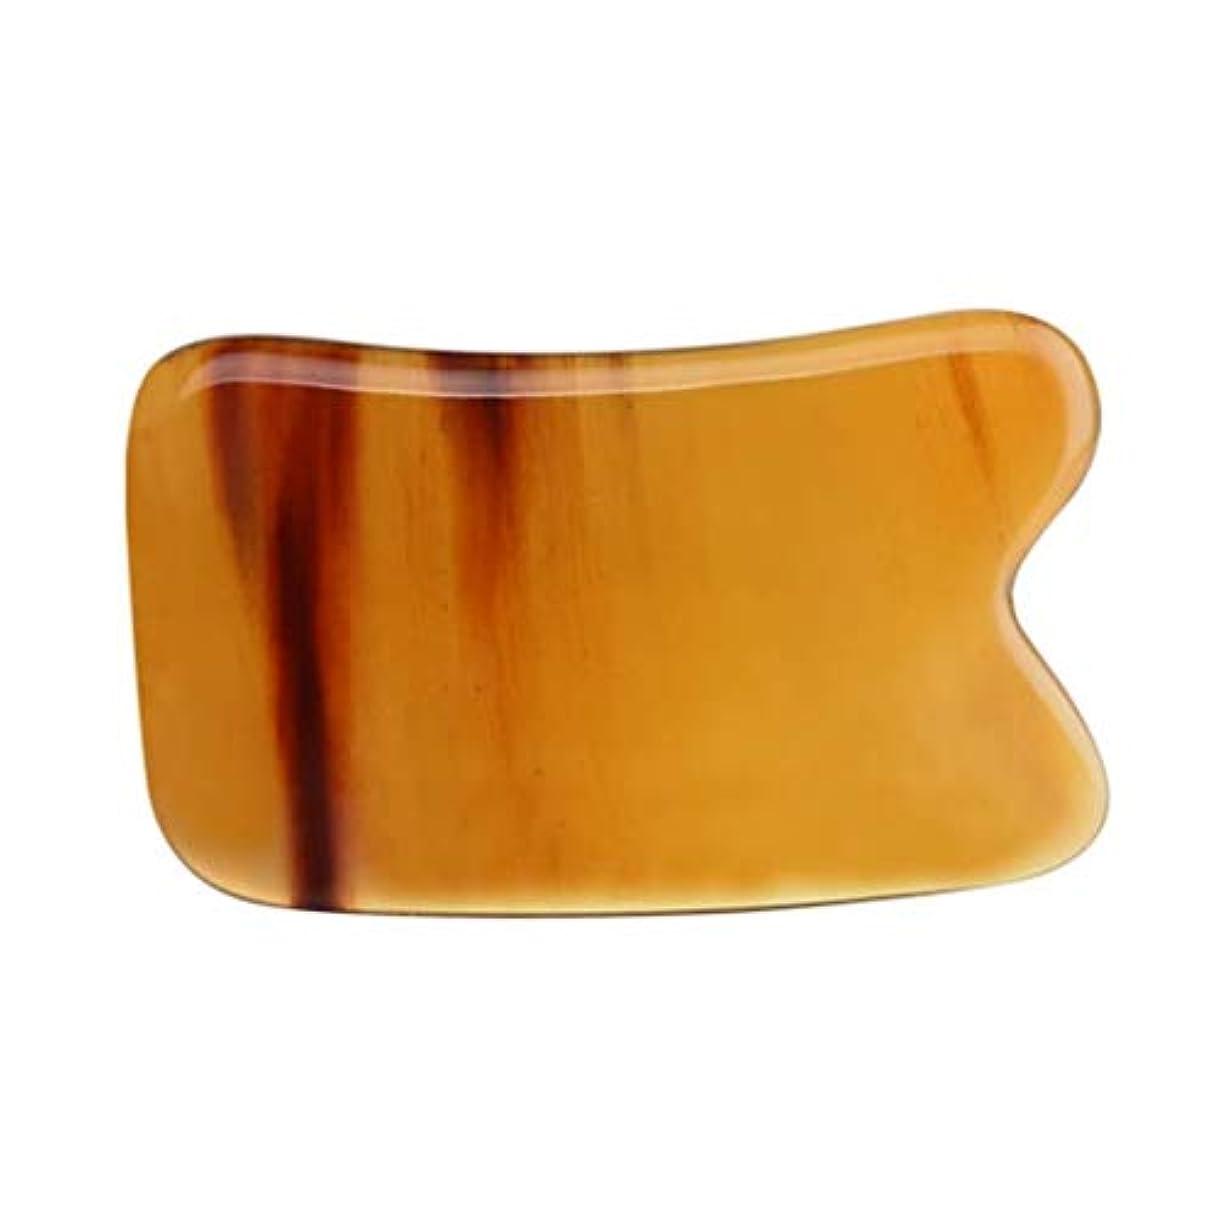 キロメートルなくなるそれに応じてGua Shaスクレイピングマッサージツール-最高品質の手作りバッファローホーンGuashaボード-首と筋肉の痛みを軽減し、機動性を向上 (Size : 4mm)